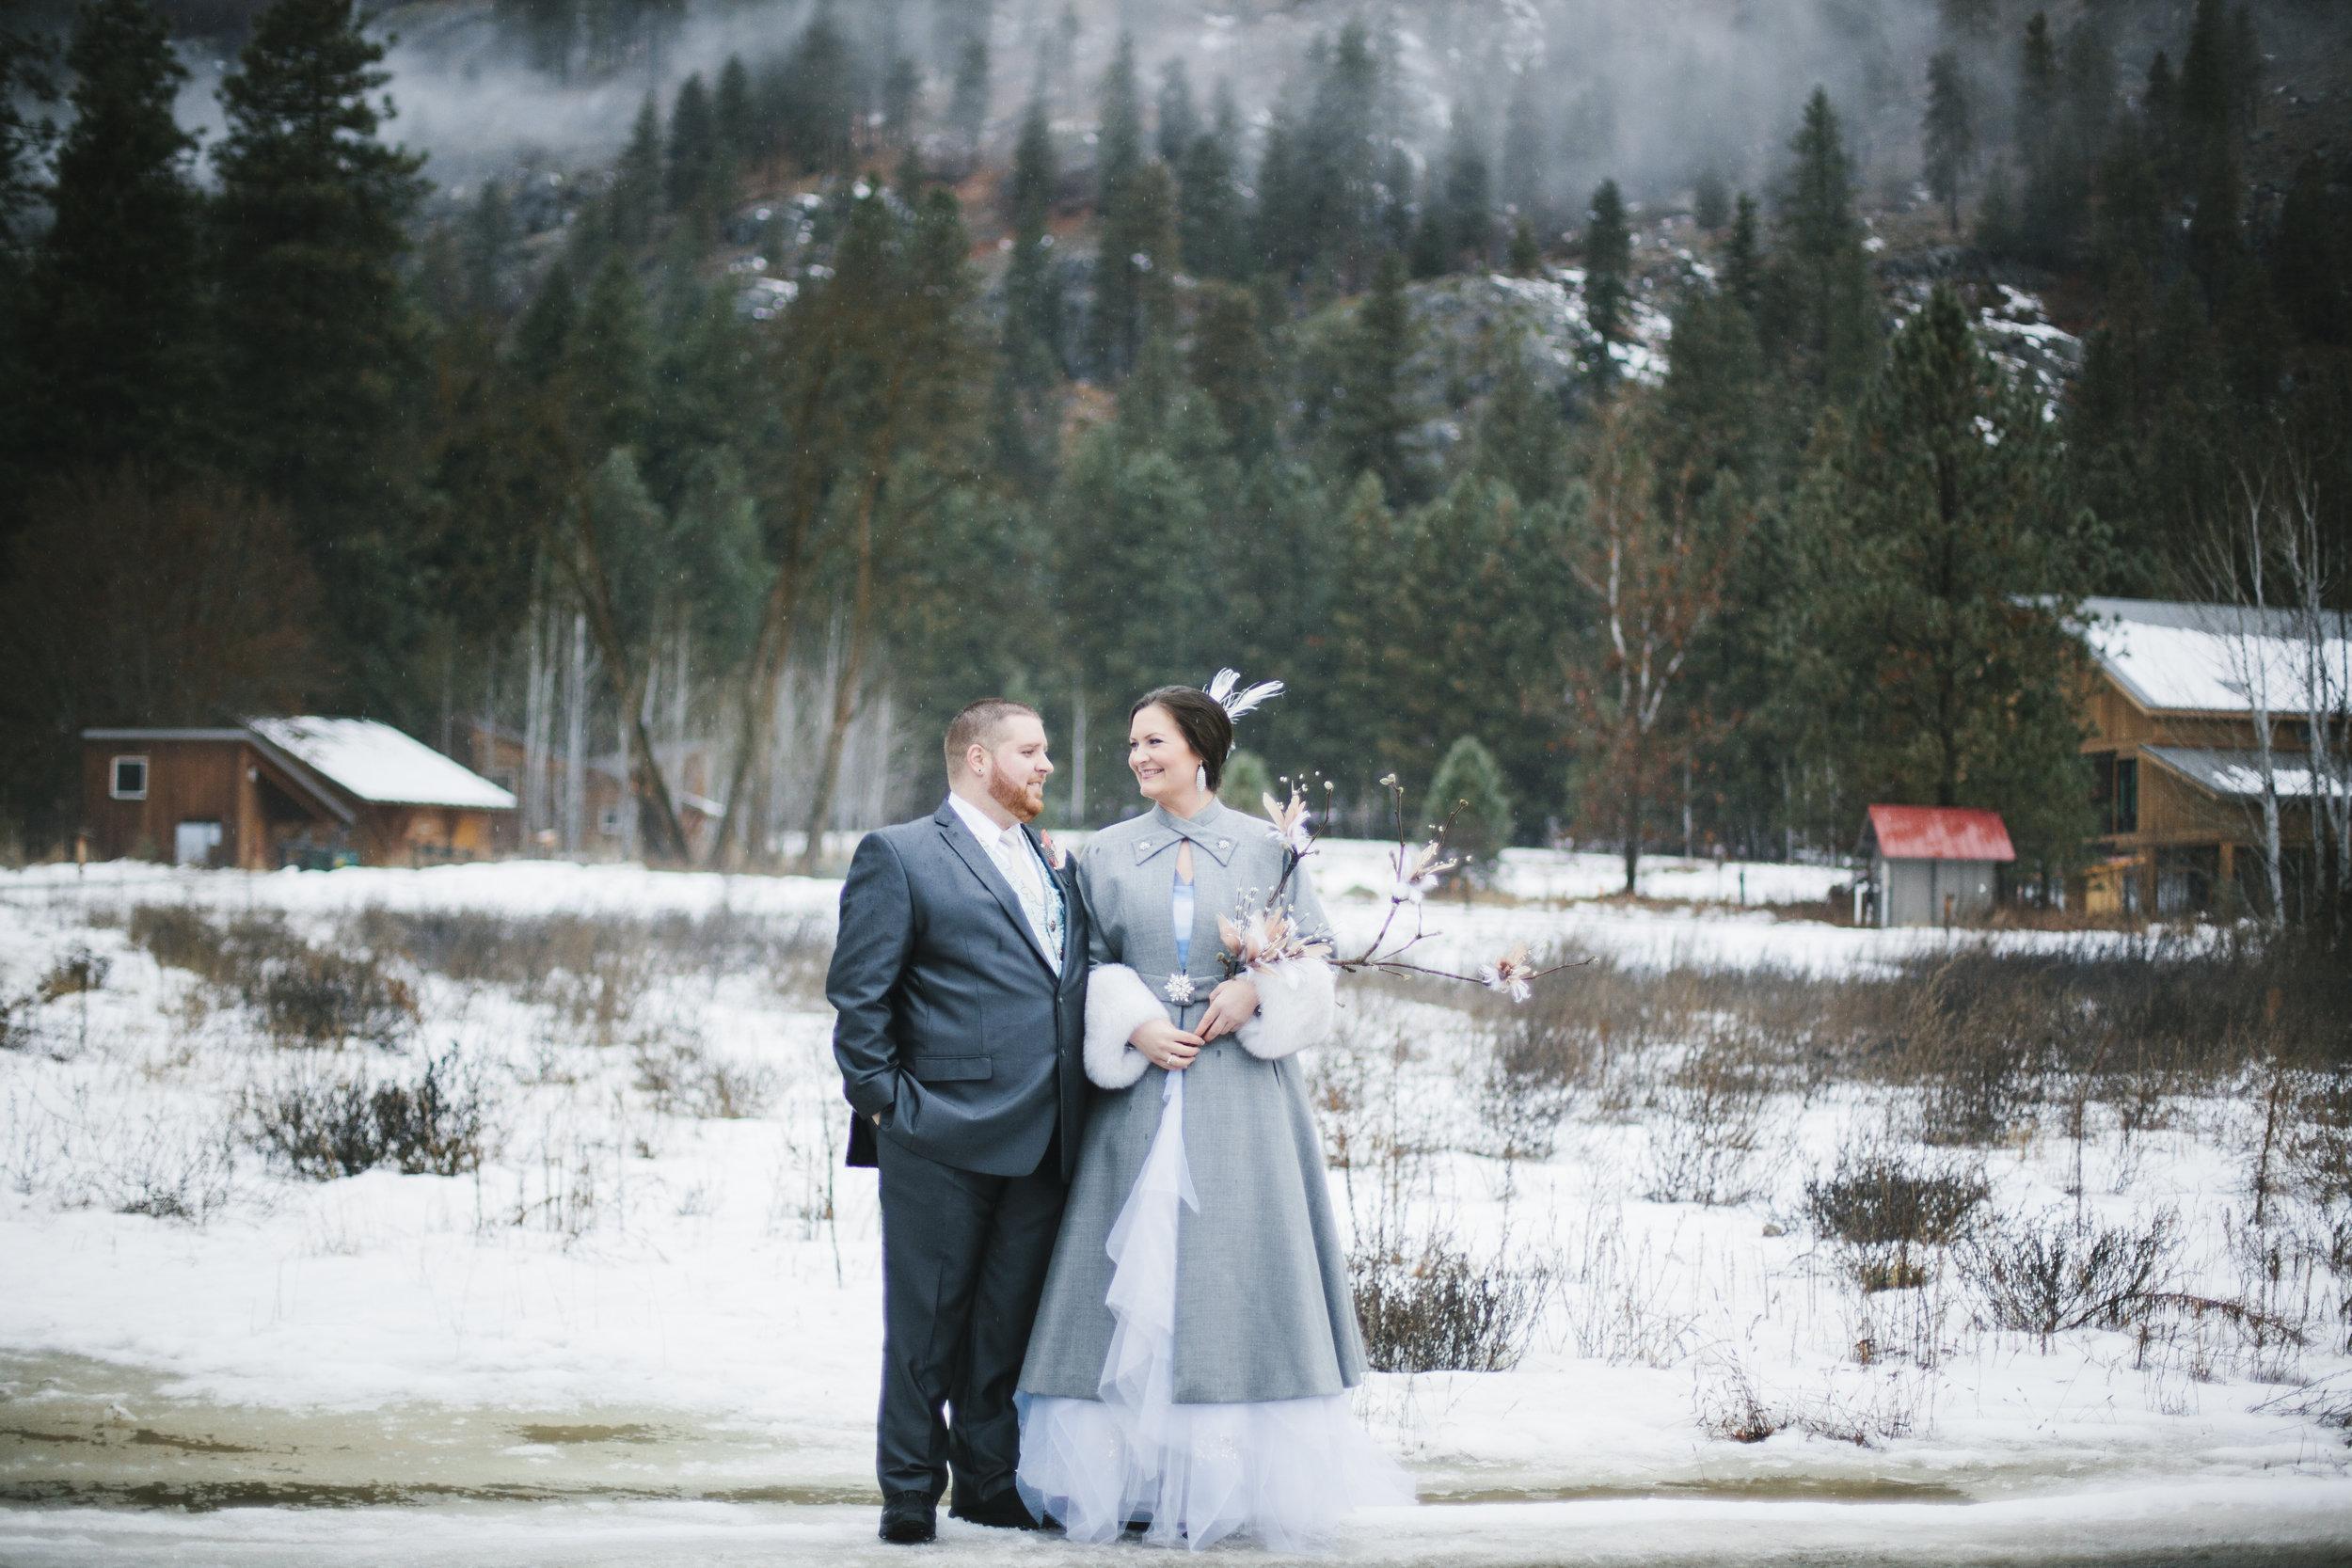 Ice-zeita-wedding-15.jpg